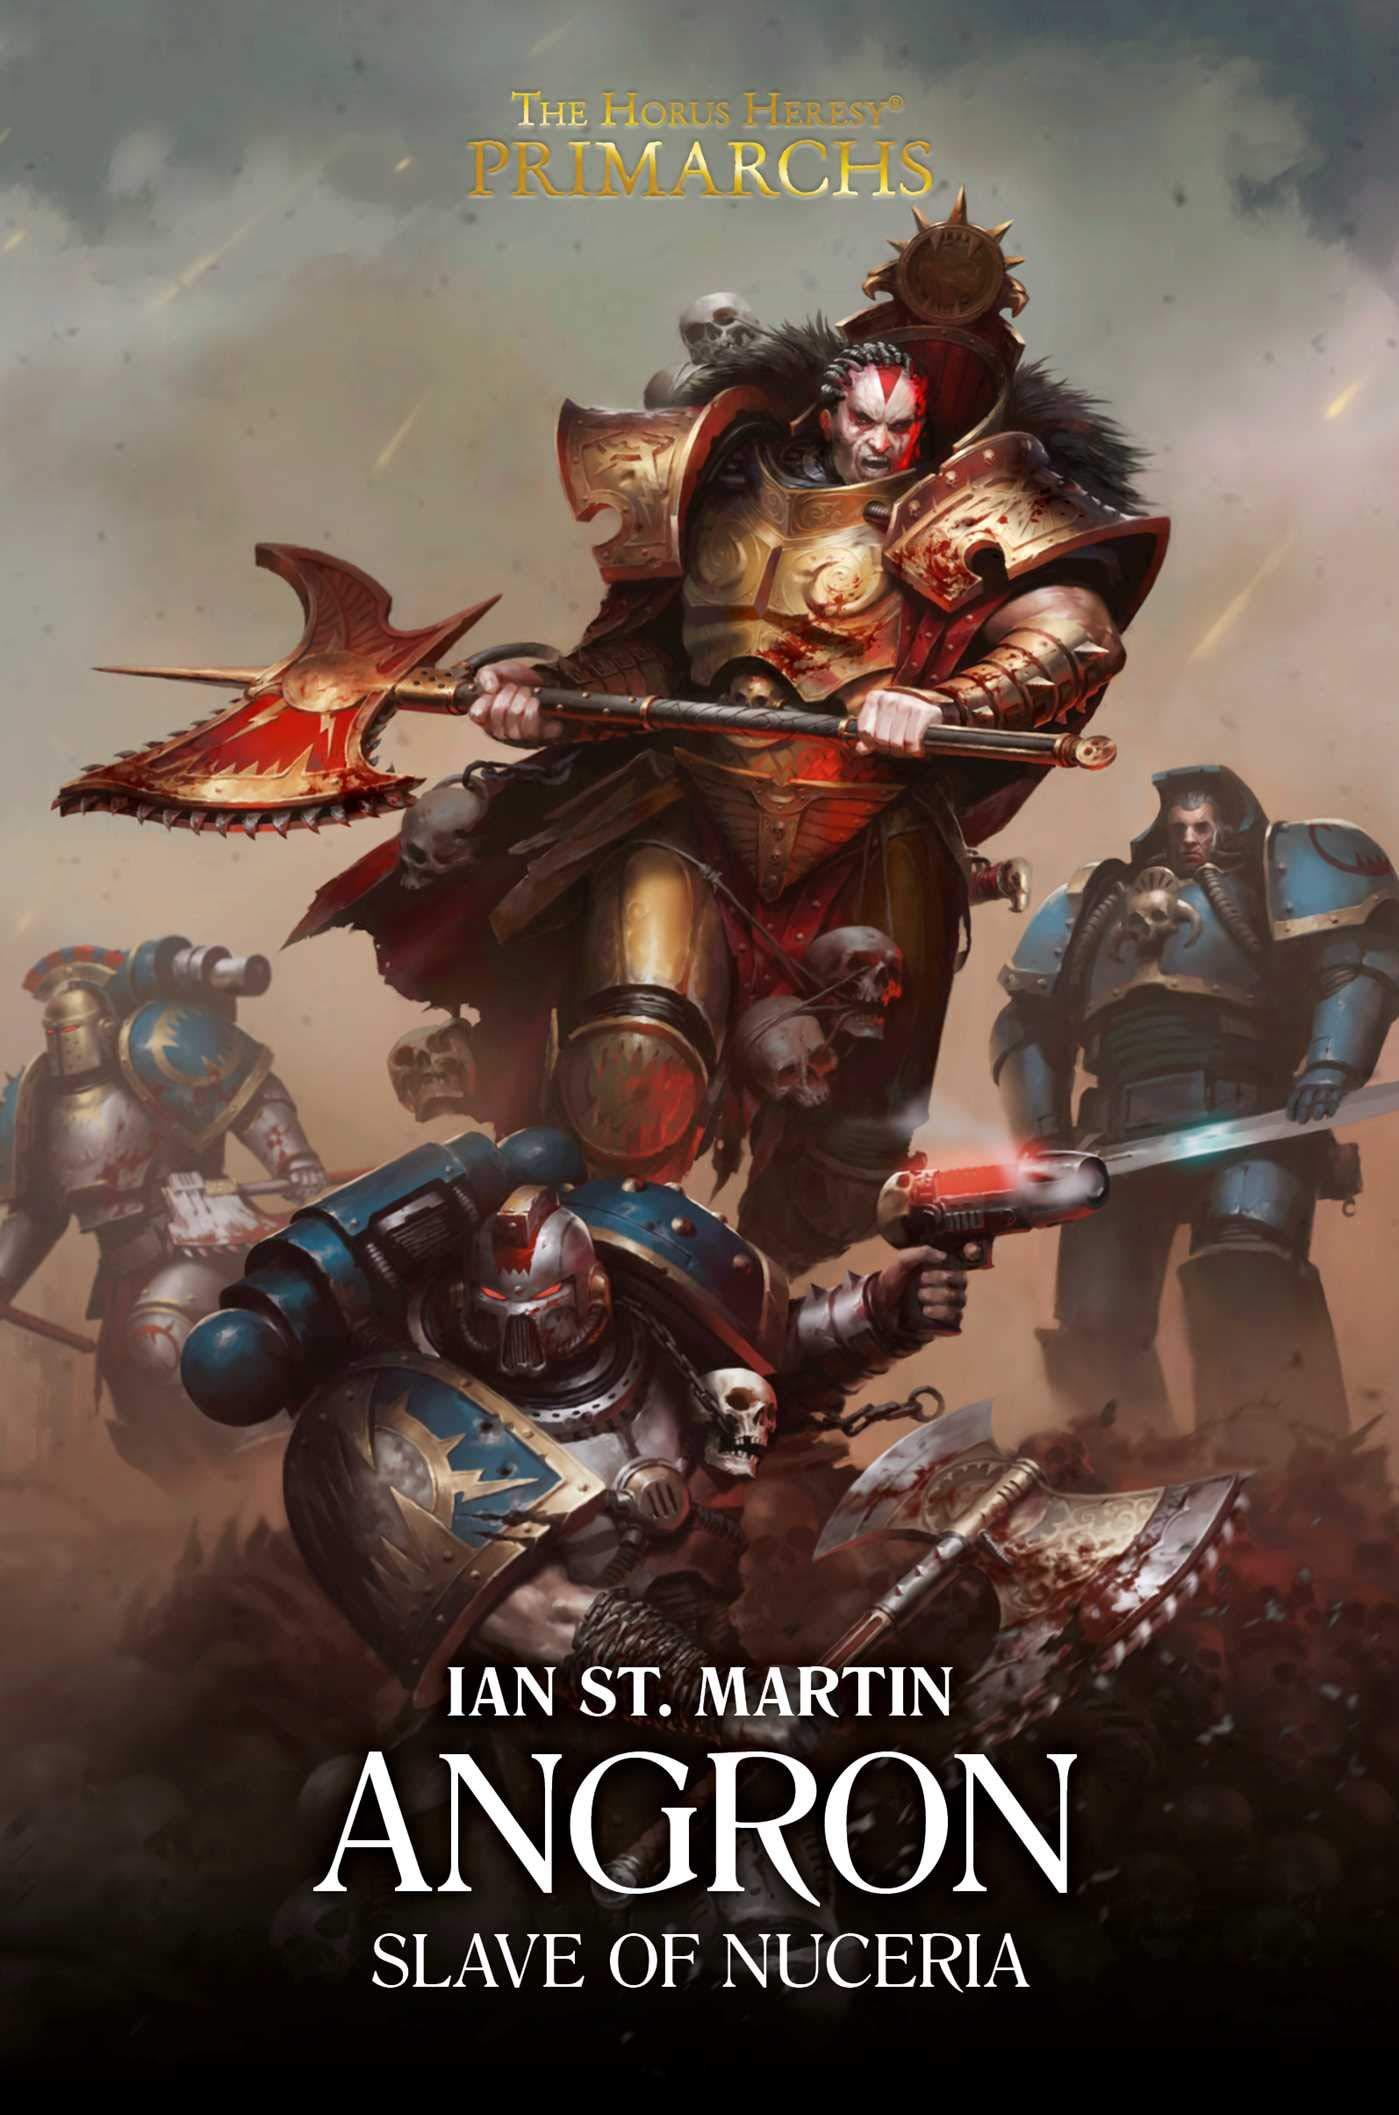 Slave of Nuceria (The Horus Heresy) - Ian St Martin